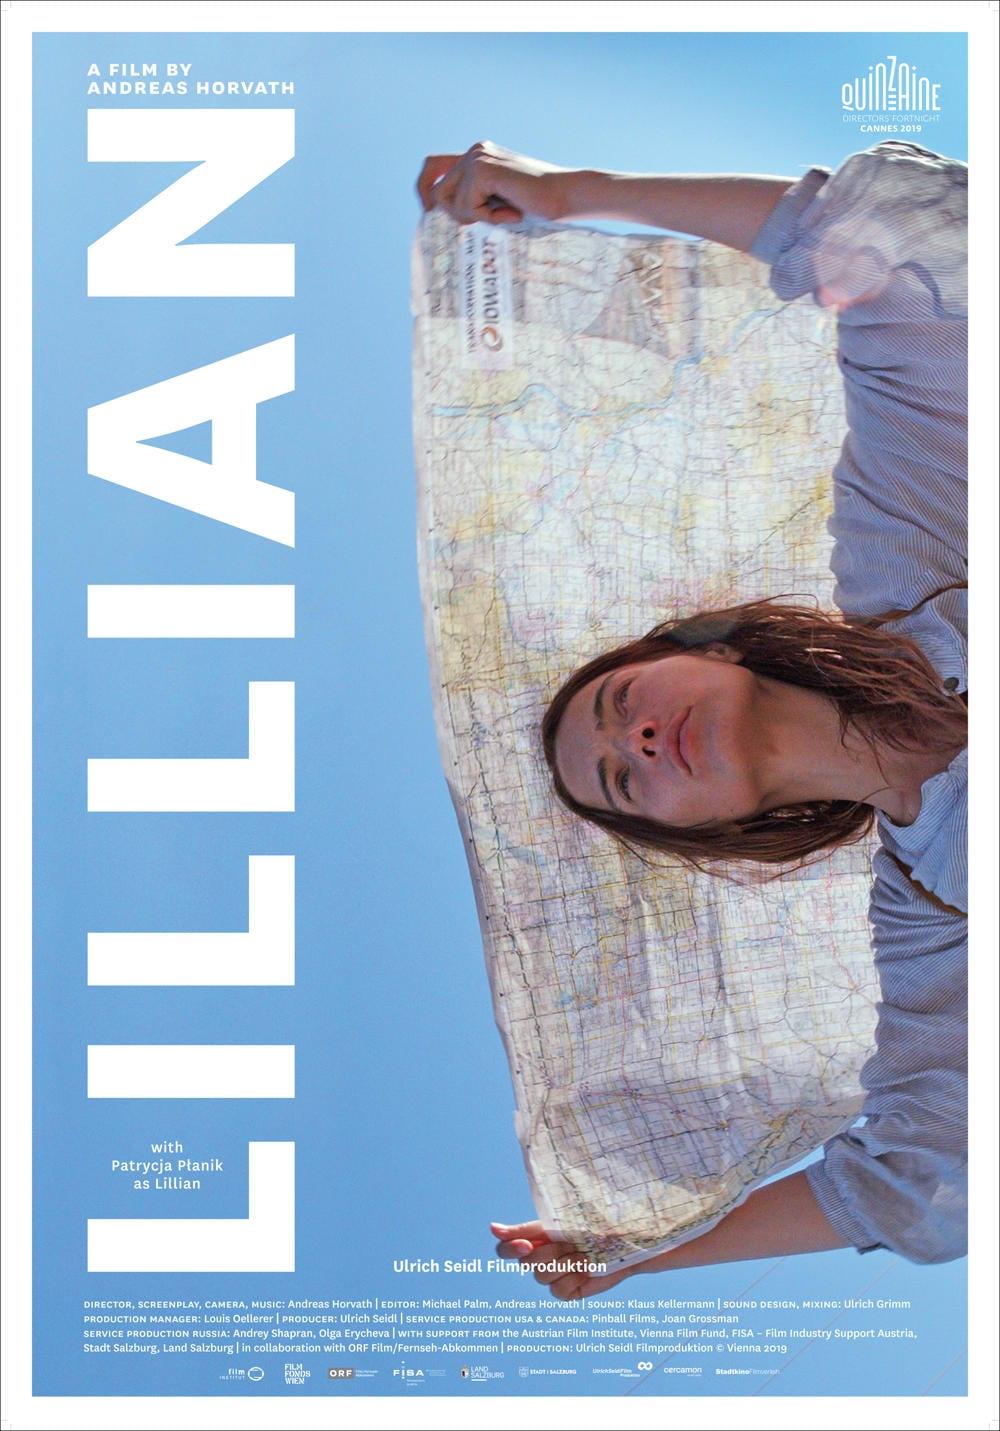 Lillian plakat / poster